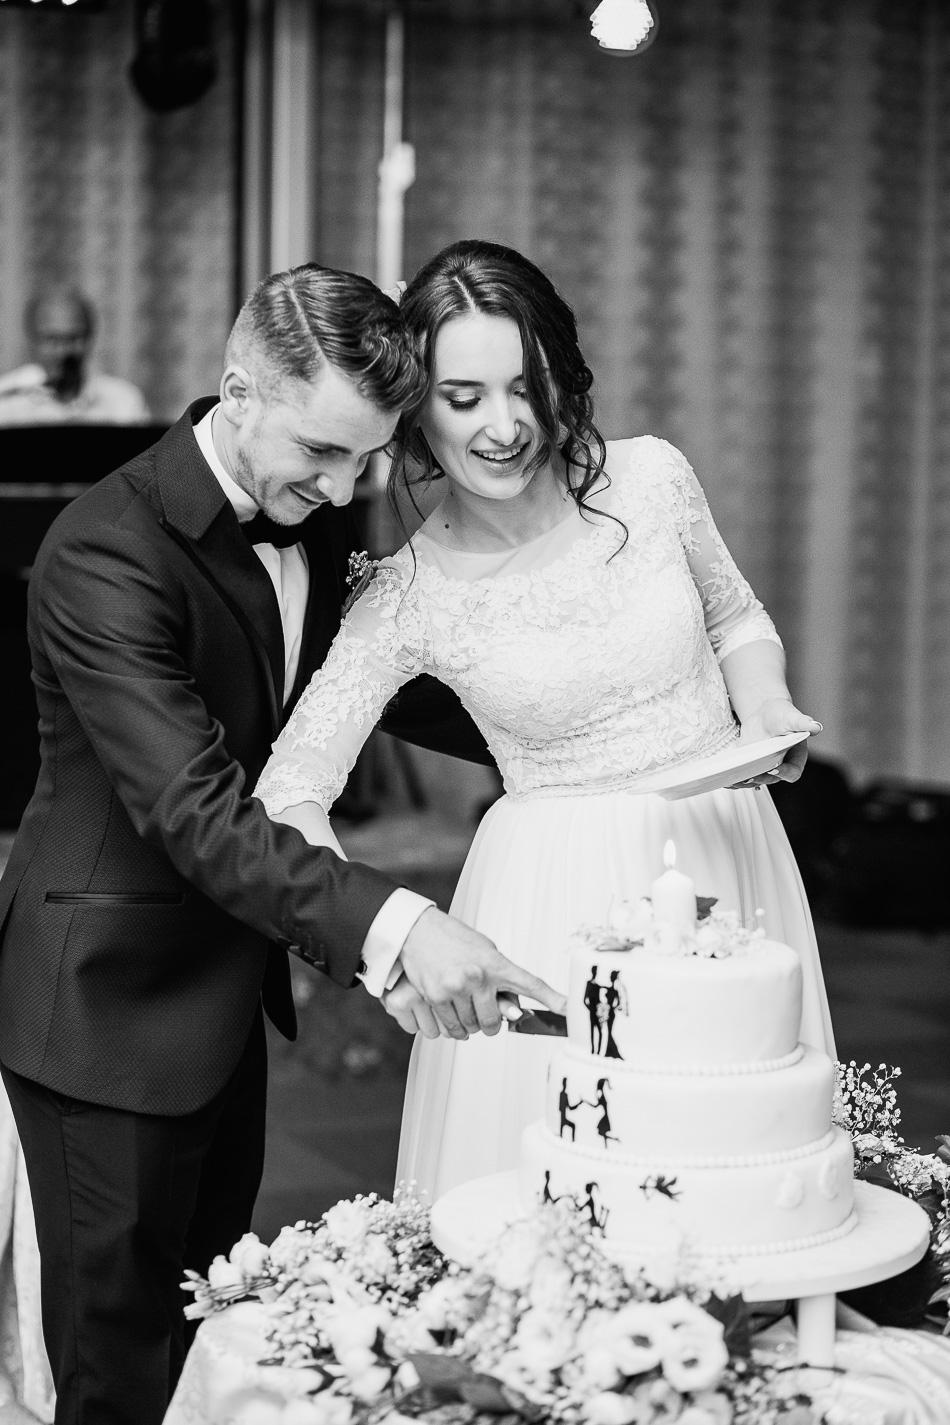 fotograf nunta mures profesionist cluj bucuresti suceava fotografie creativa fotografii naturale autentice conacul domnesc